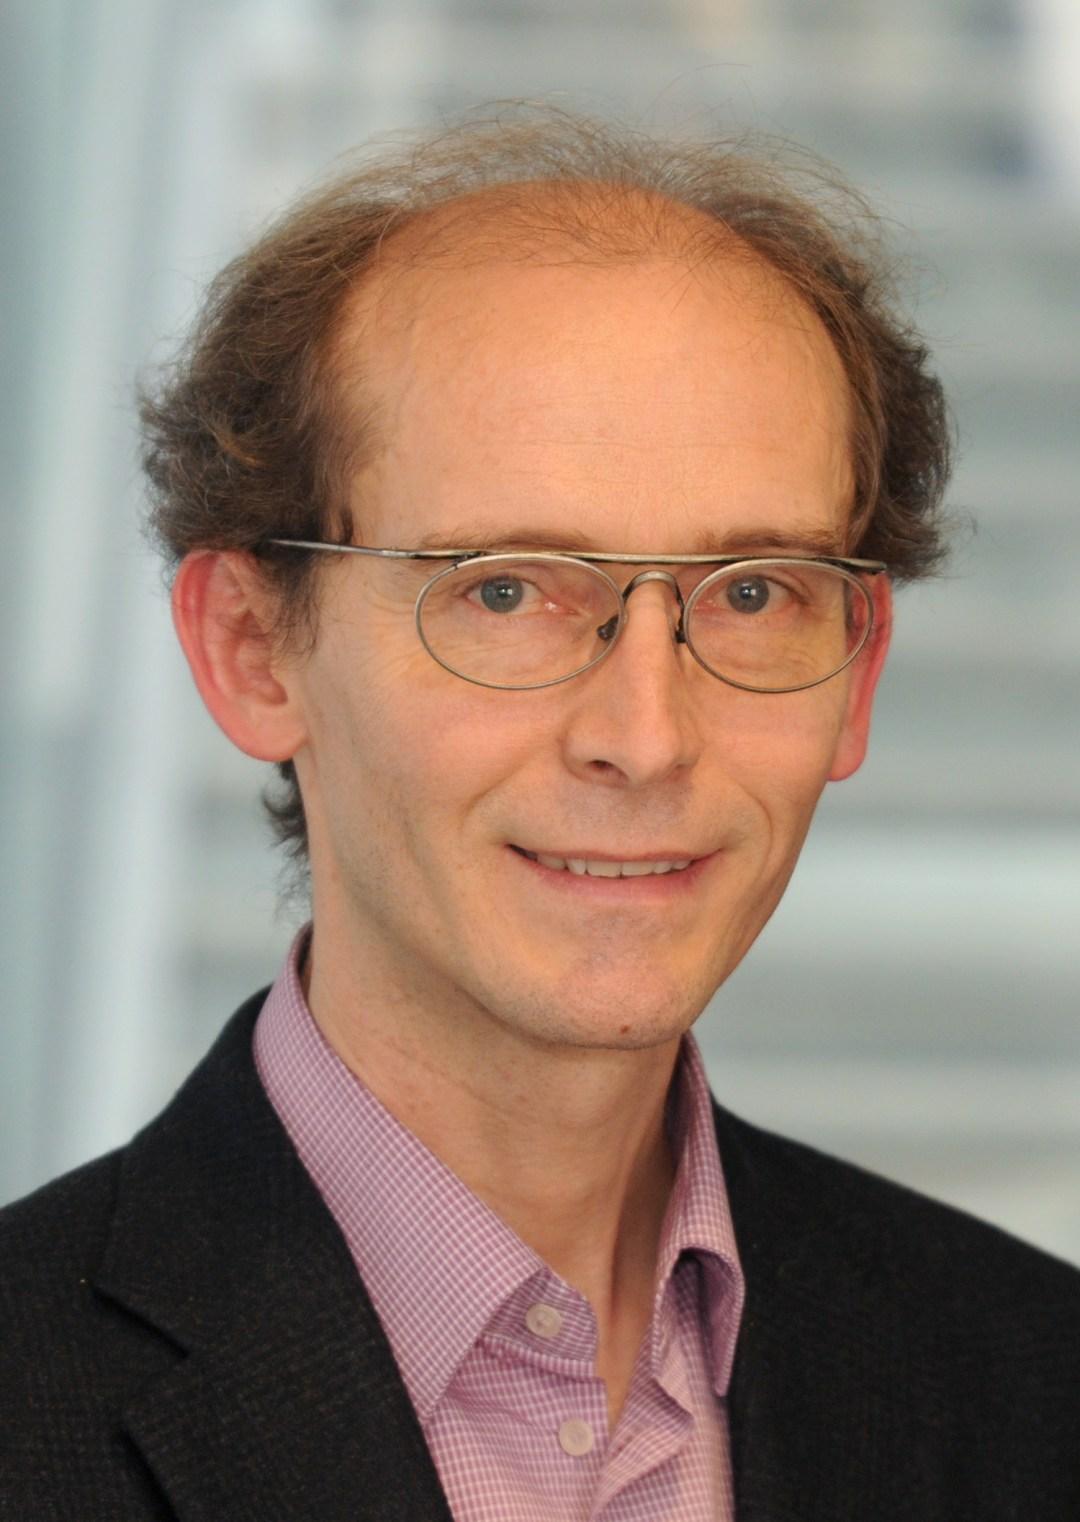 Gerhard Schwed